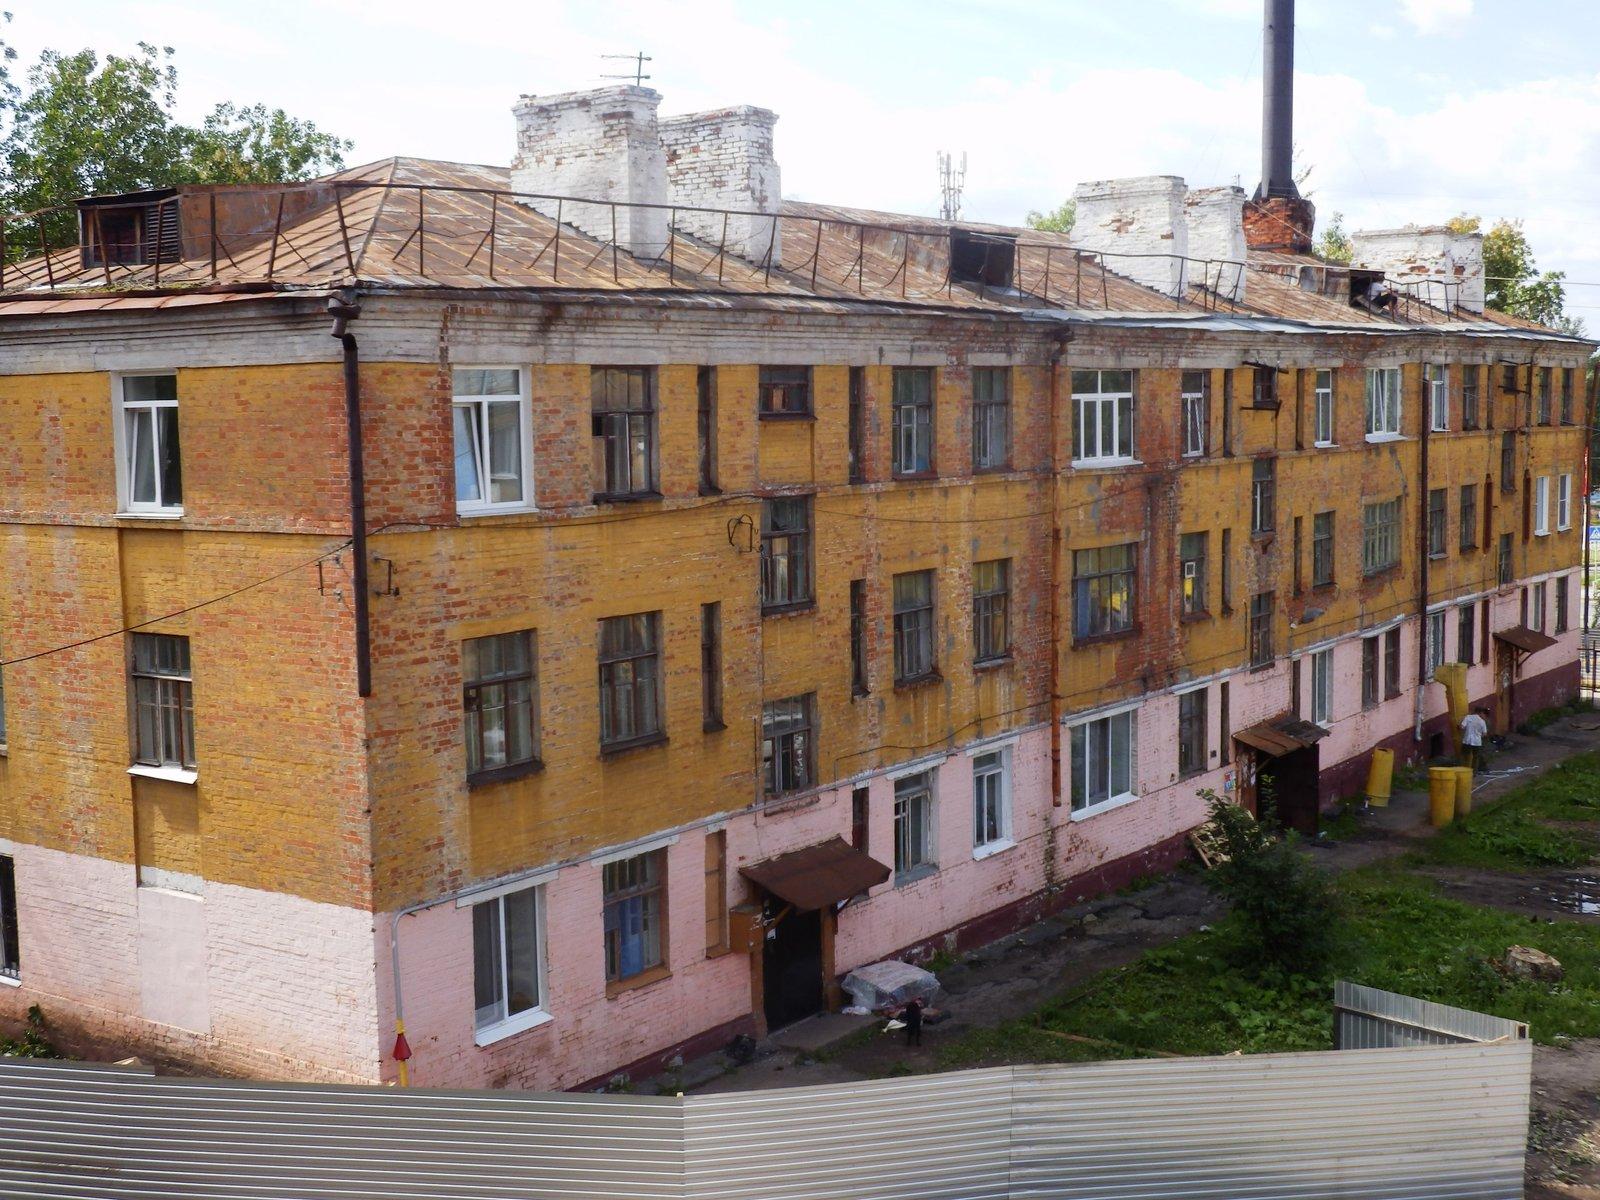 Капитальный ремонт нашего второго домика Города сада – Рабочего поселка по ул. Уральской 77